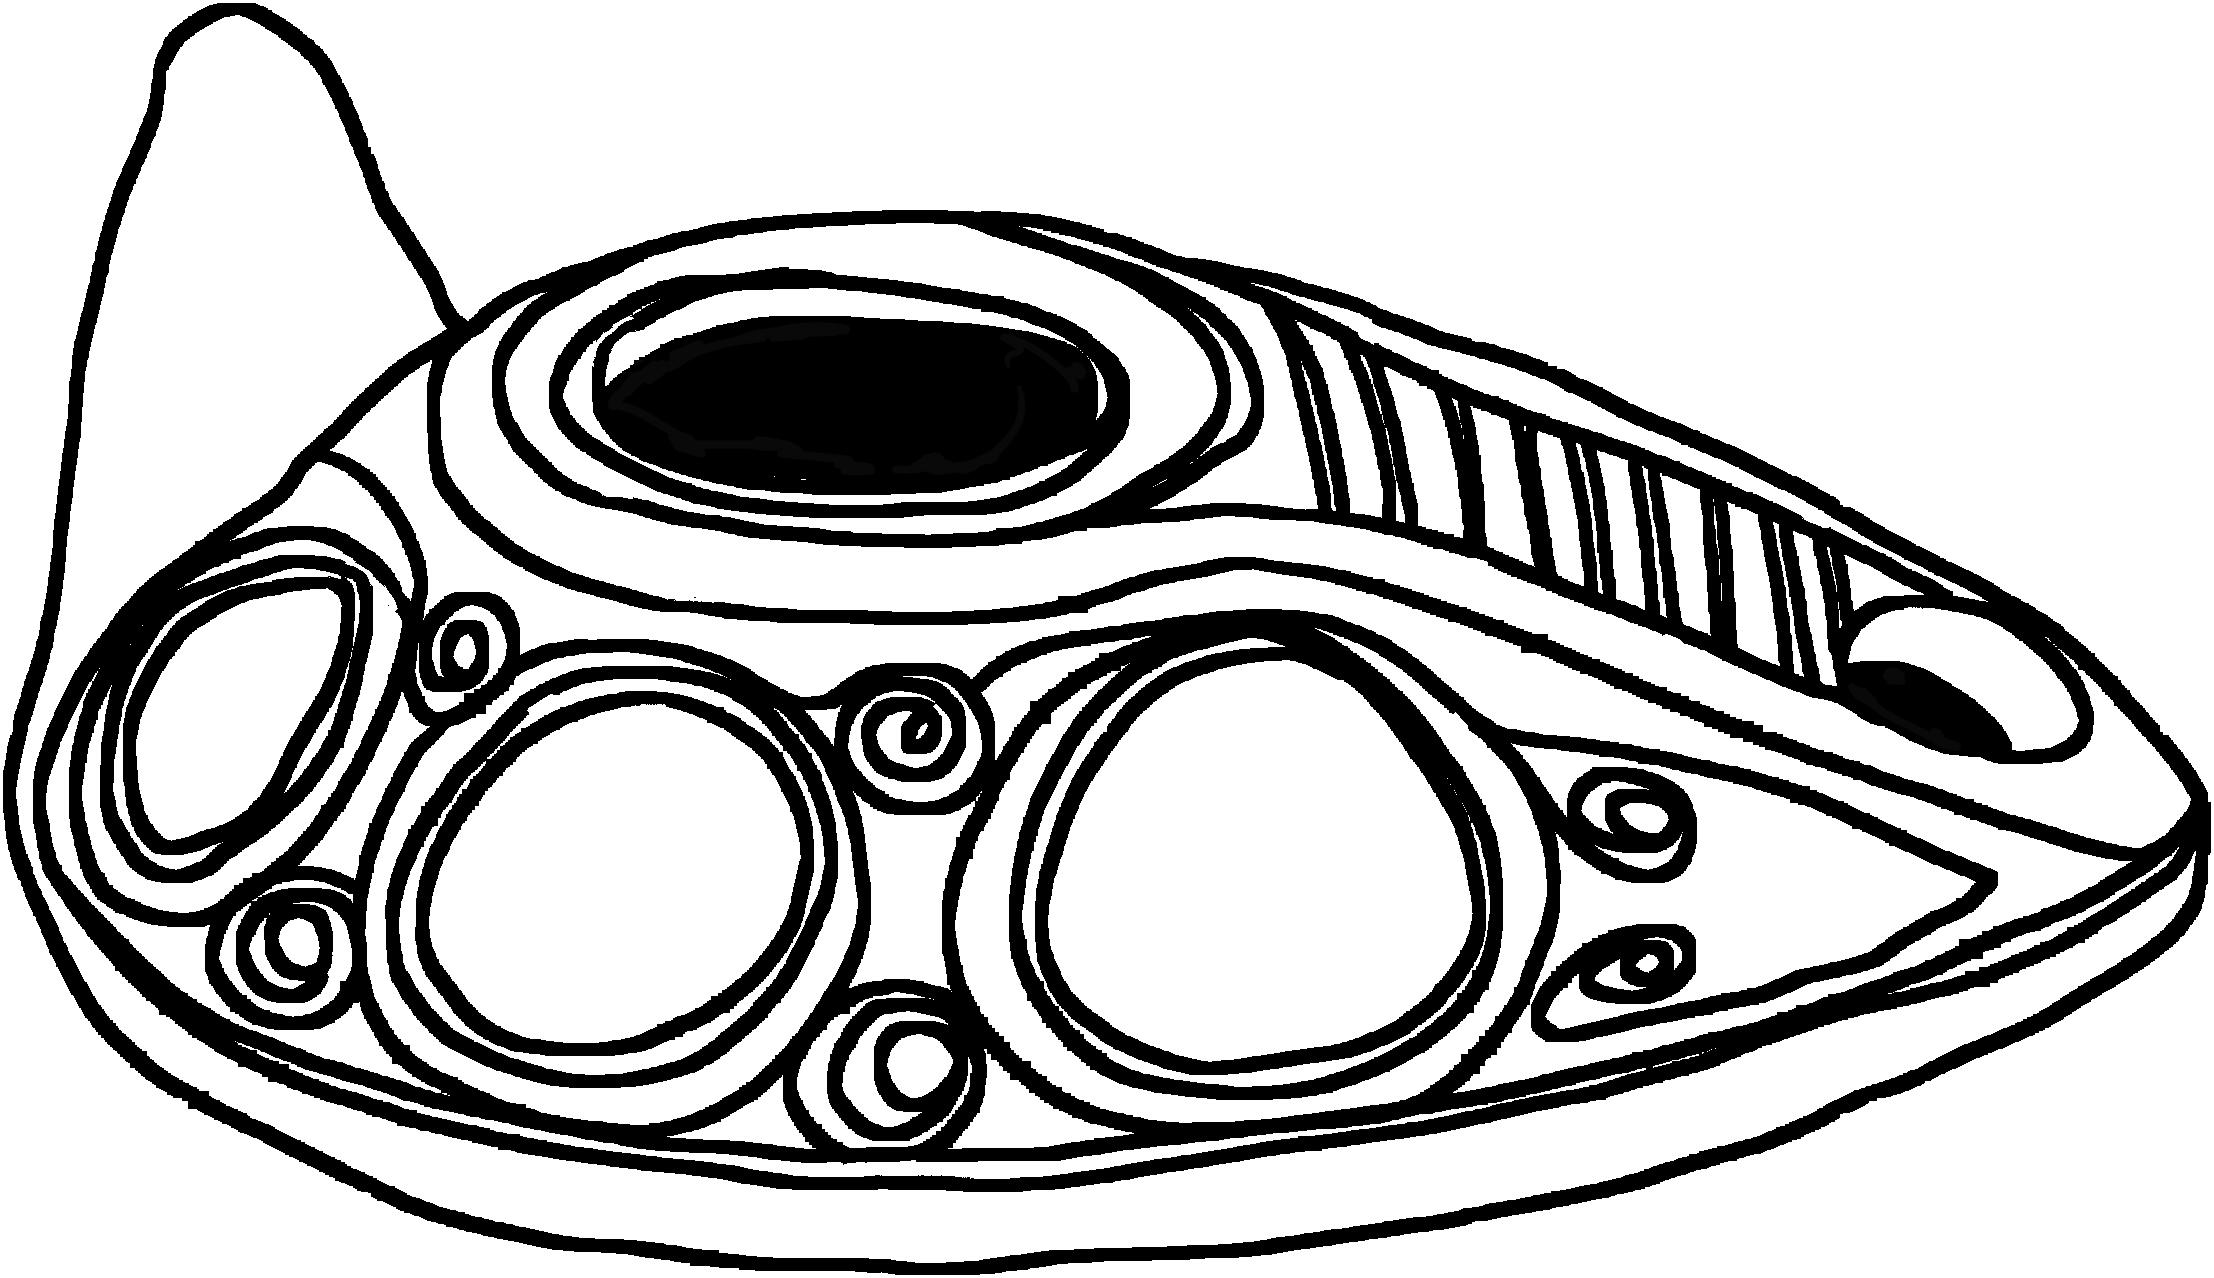 Oil Lamp Drawing at GetDrawings